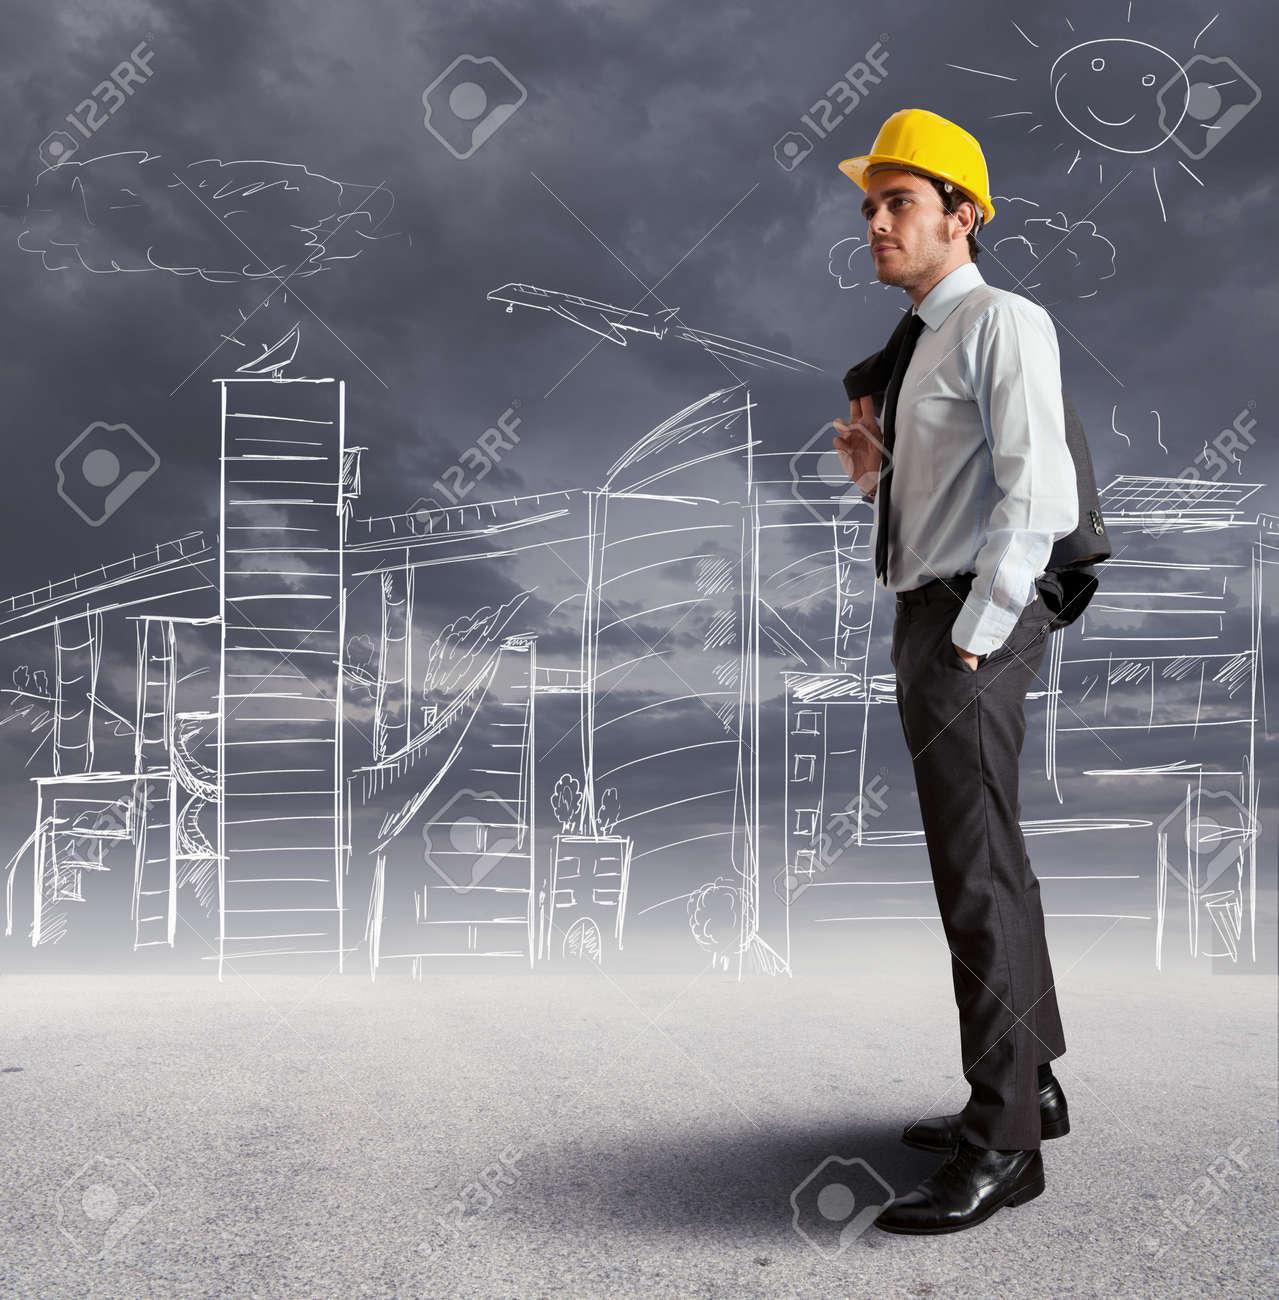 Concept of futuristic architect sketch Stock Photo - 15948585